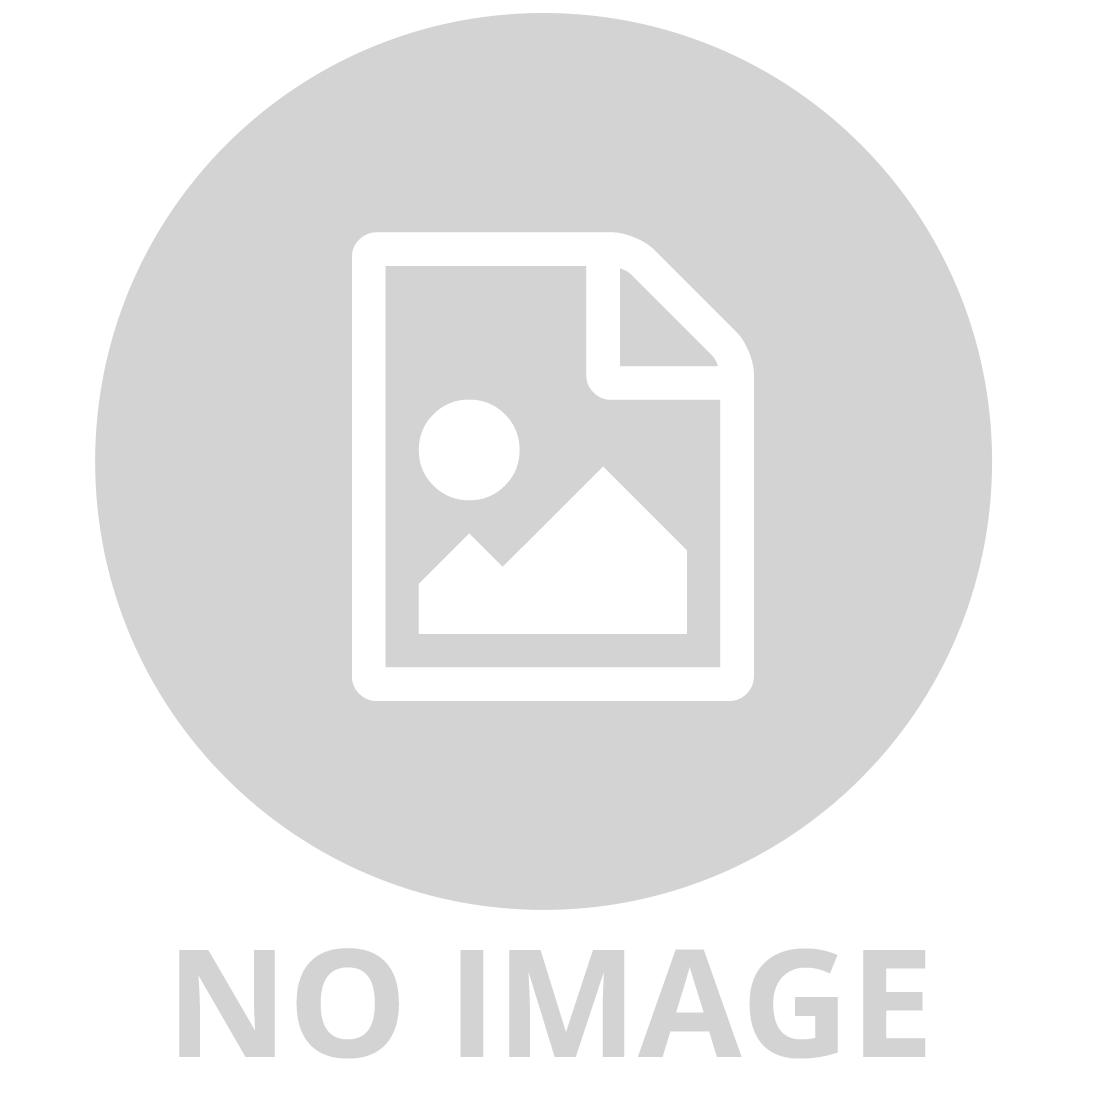 ZURU XSHOT WATER GUN FAST FILL